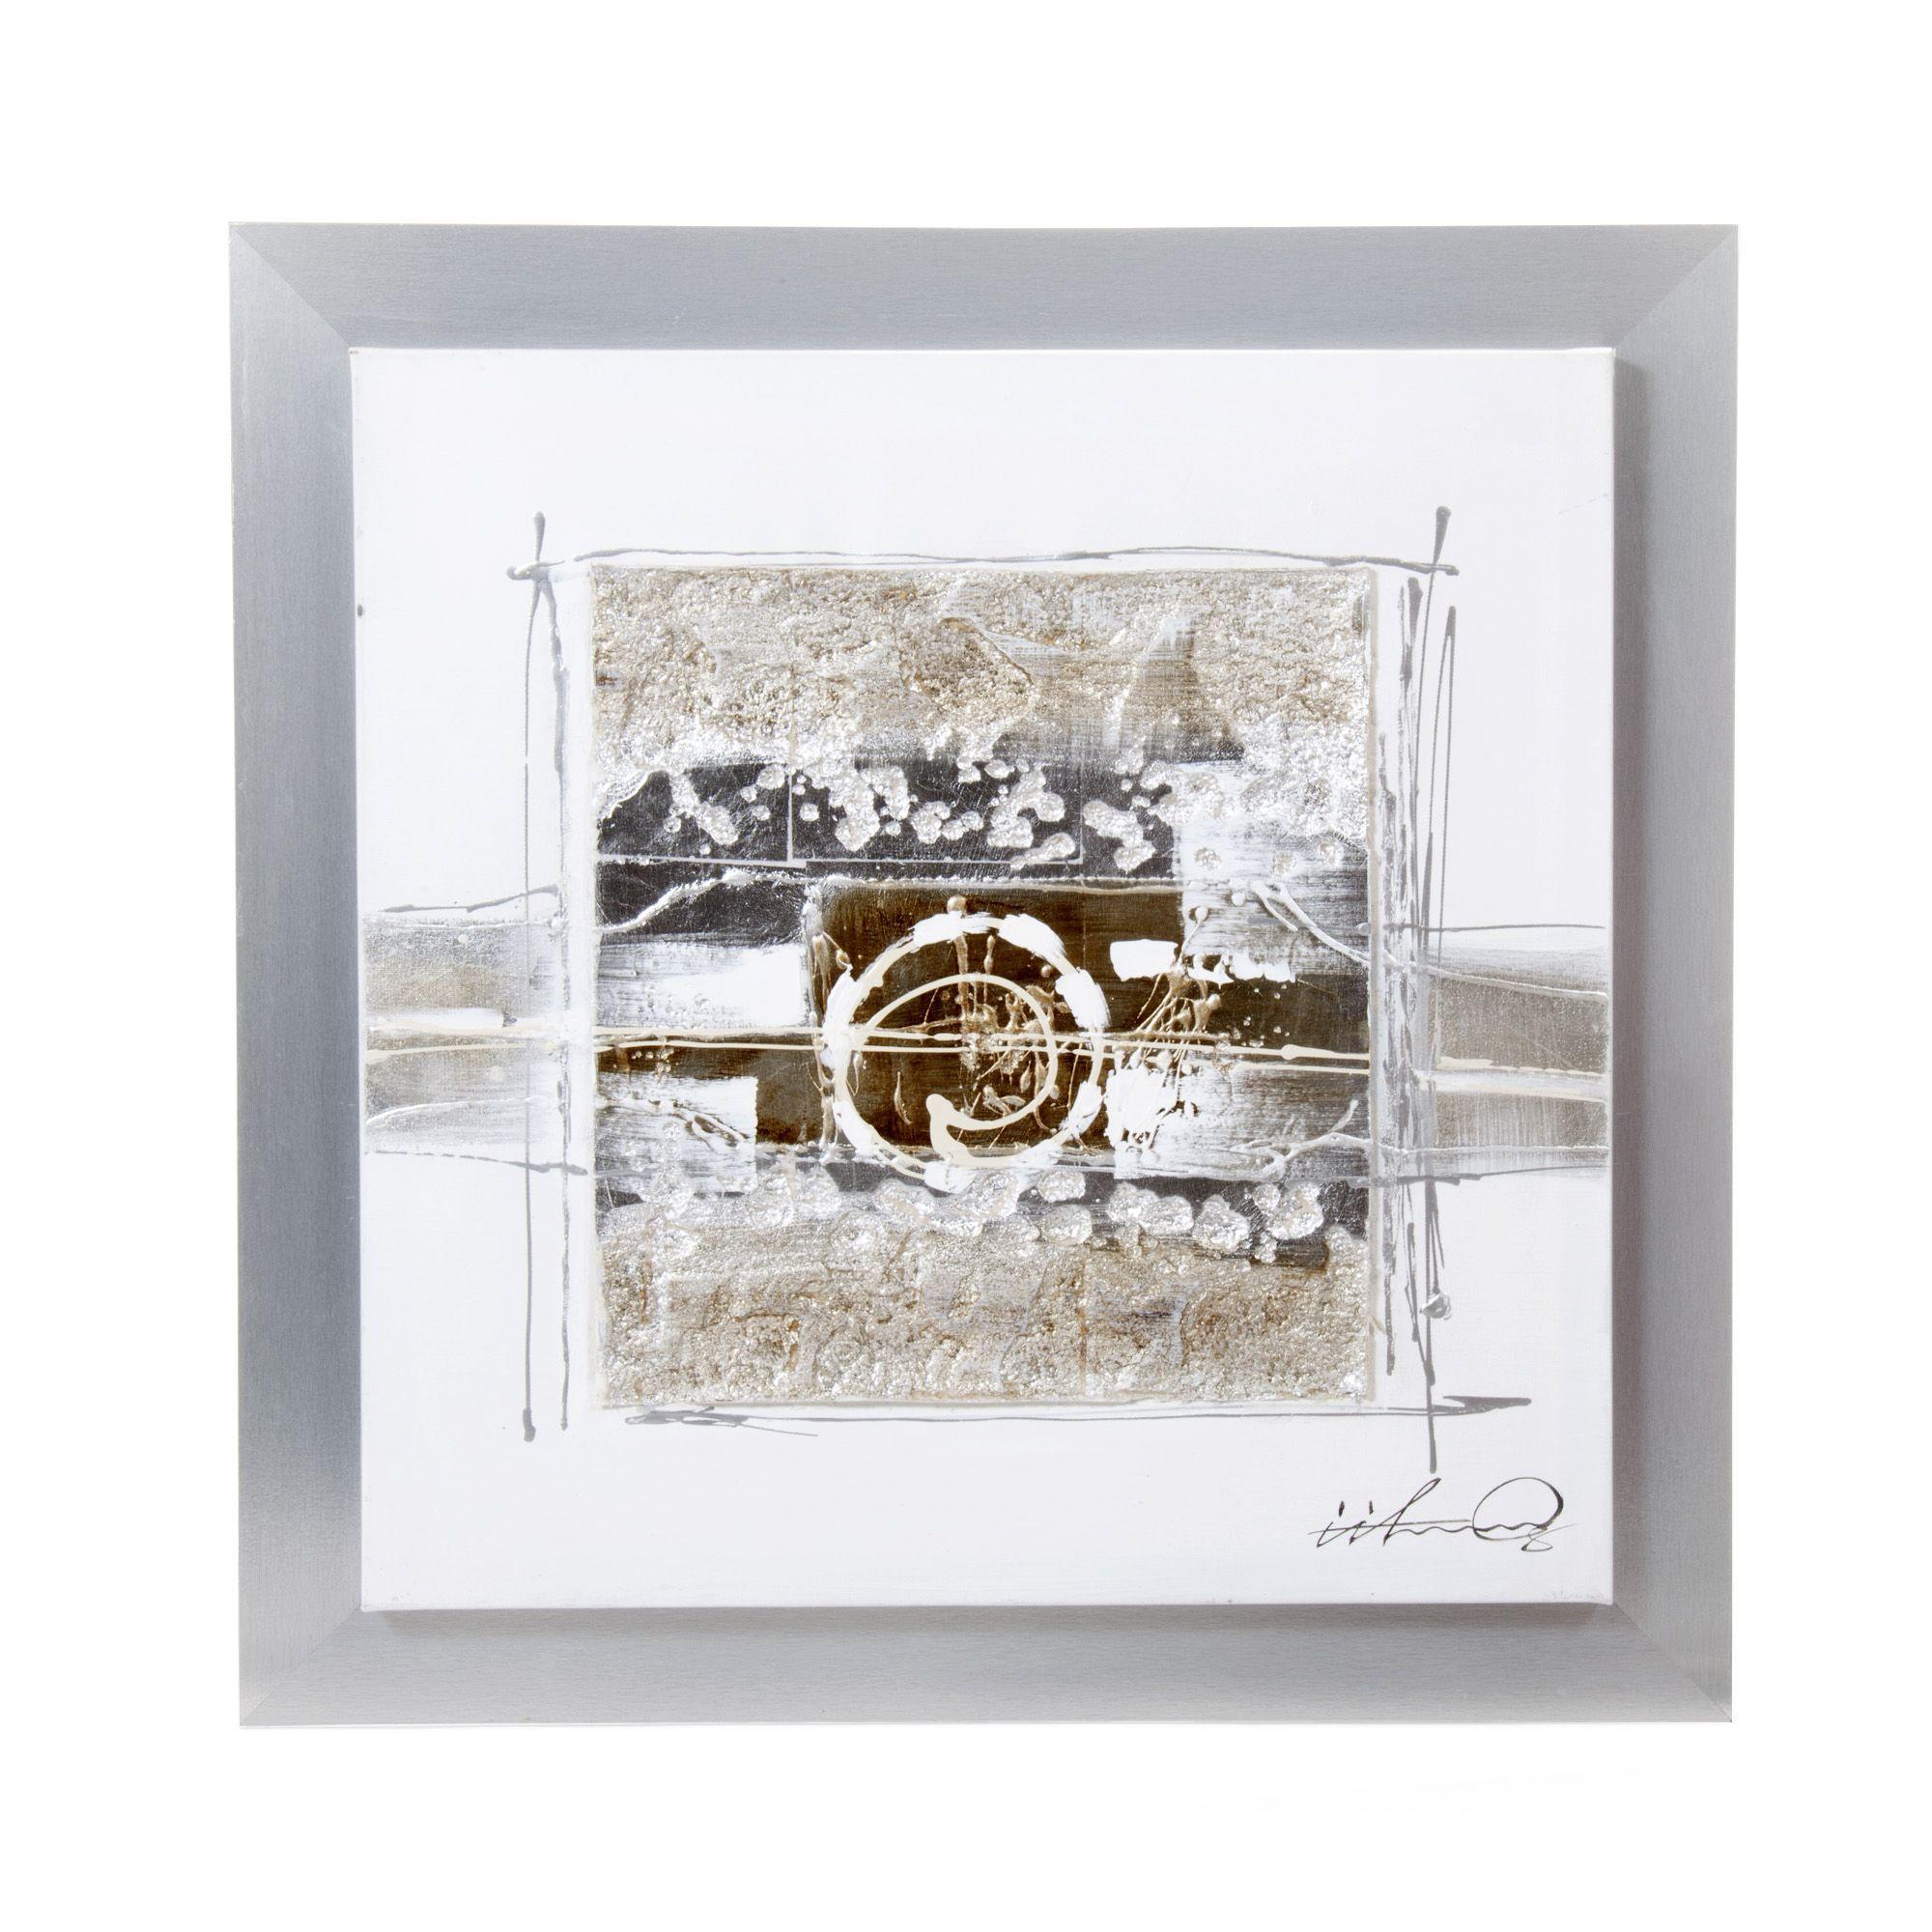 Peinture sur toile avec son cadre argent crumble for Toile decoration murale quebec